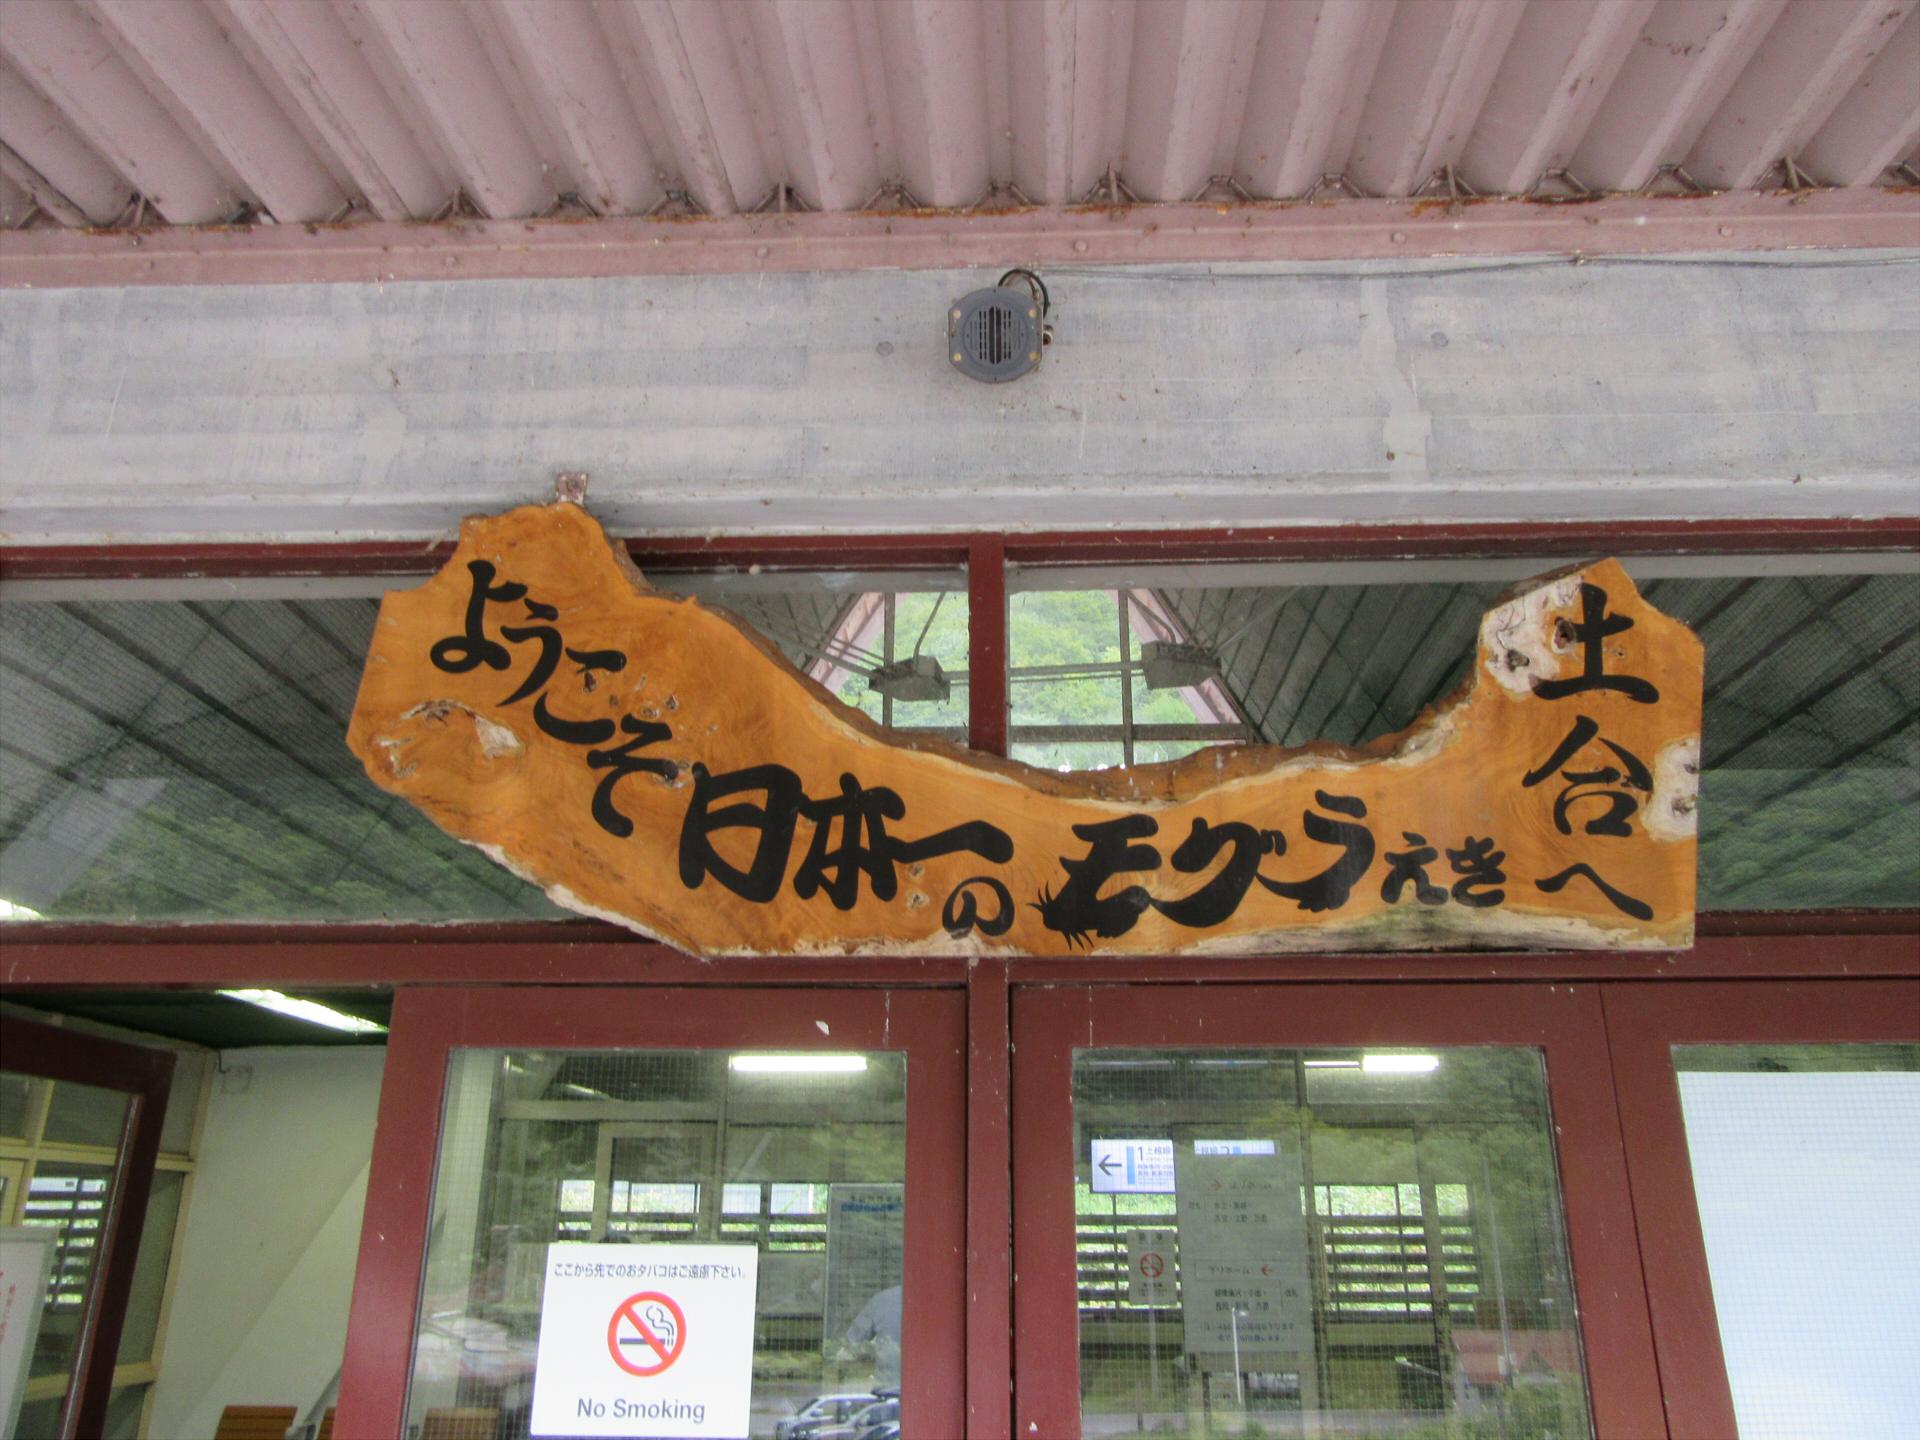 【画像】駅舎入口にある看板「ようこそ日本一のモグラえき土合へ」